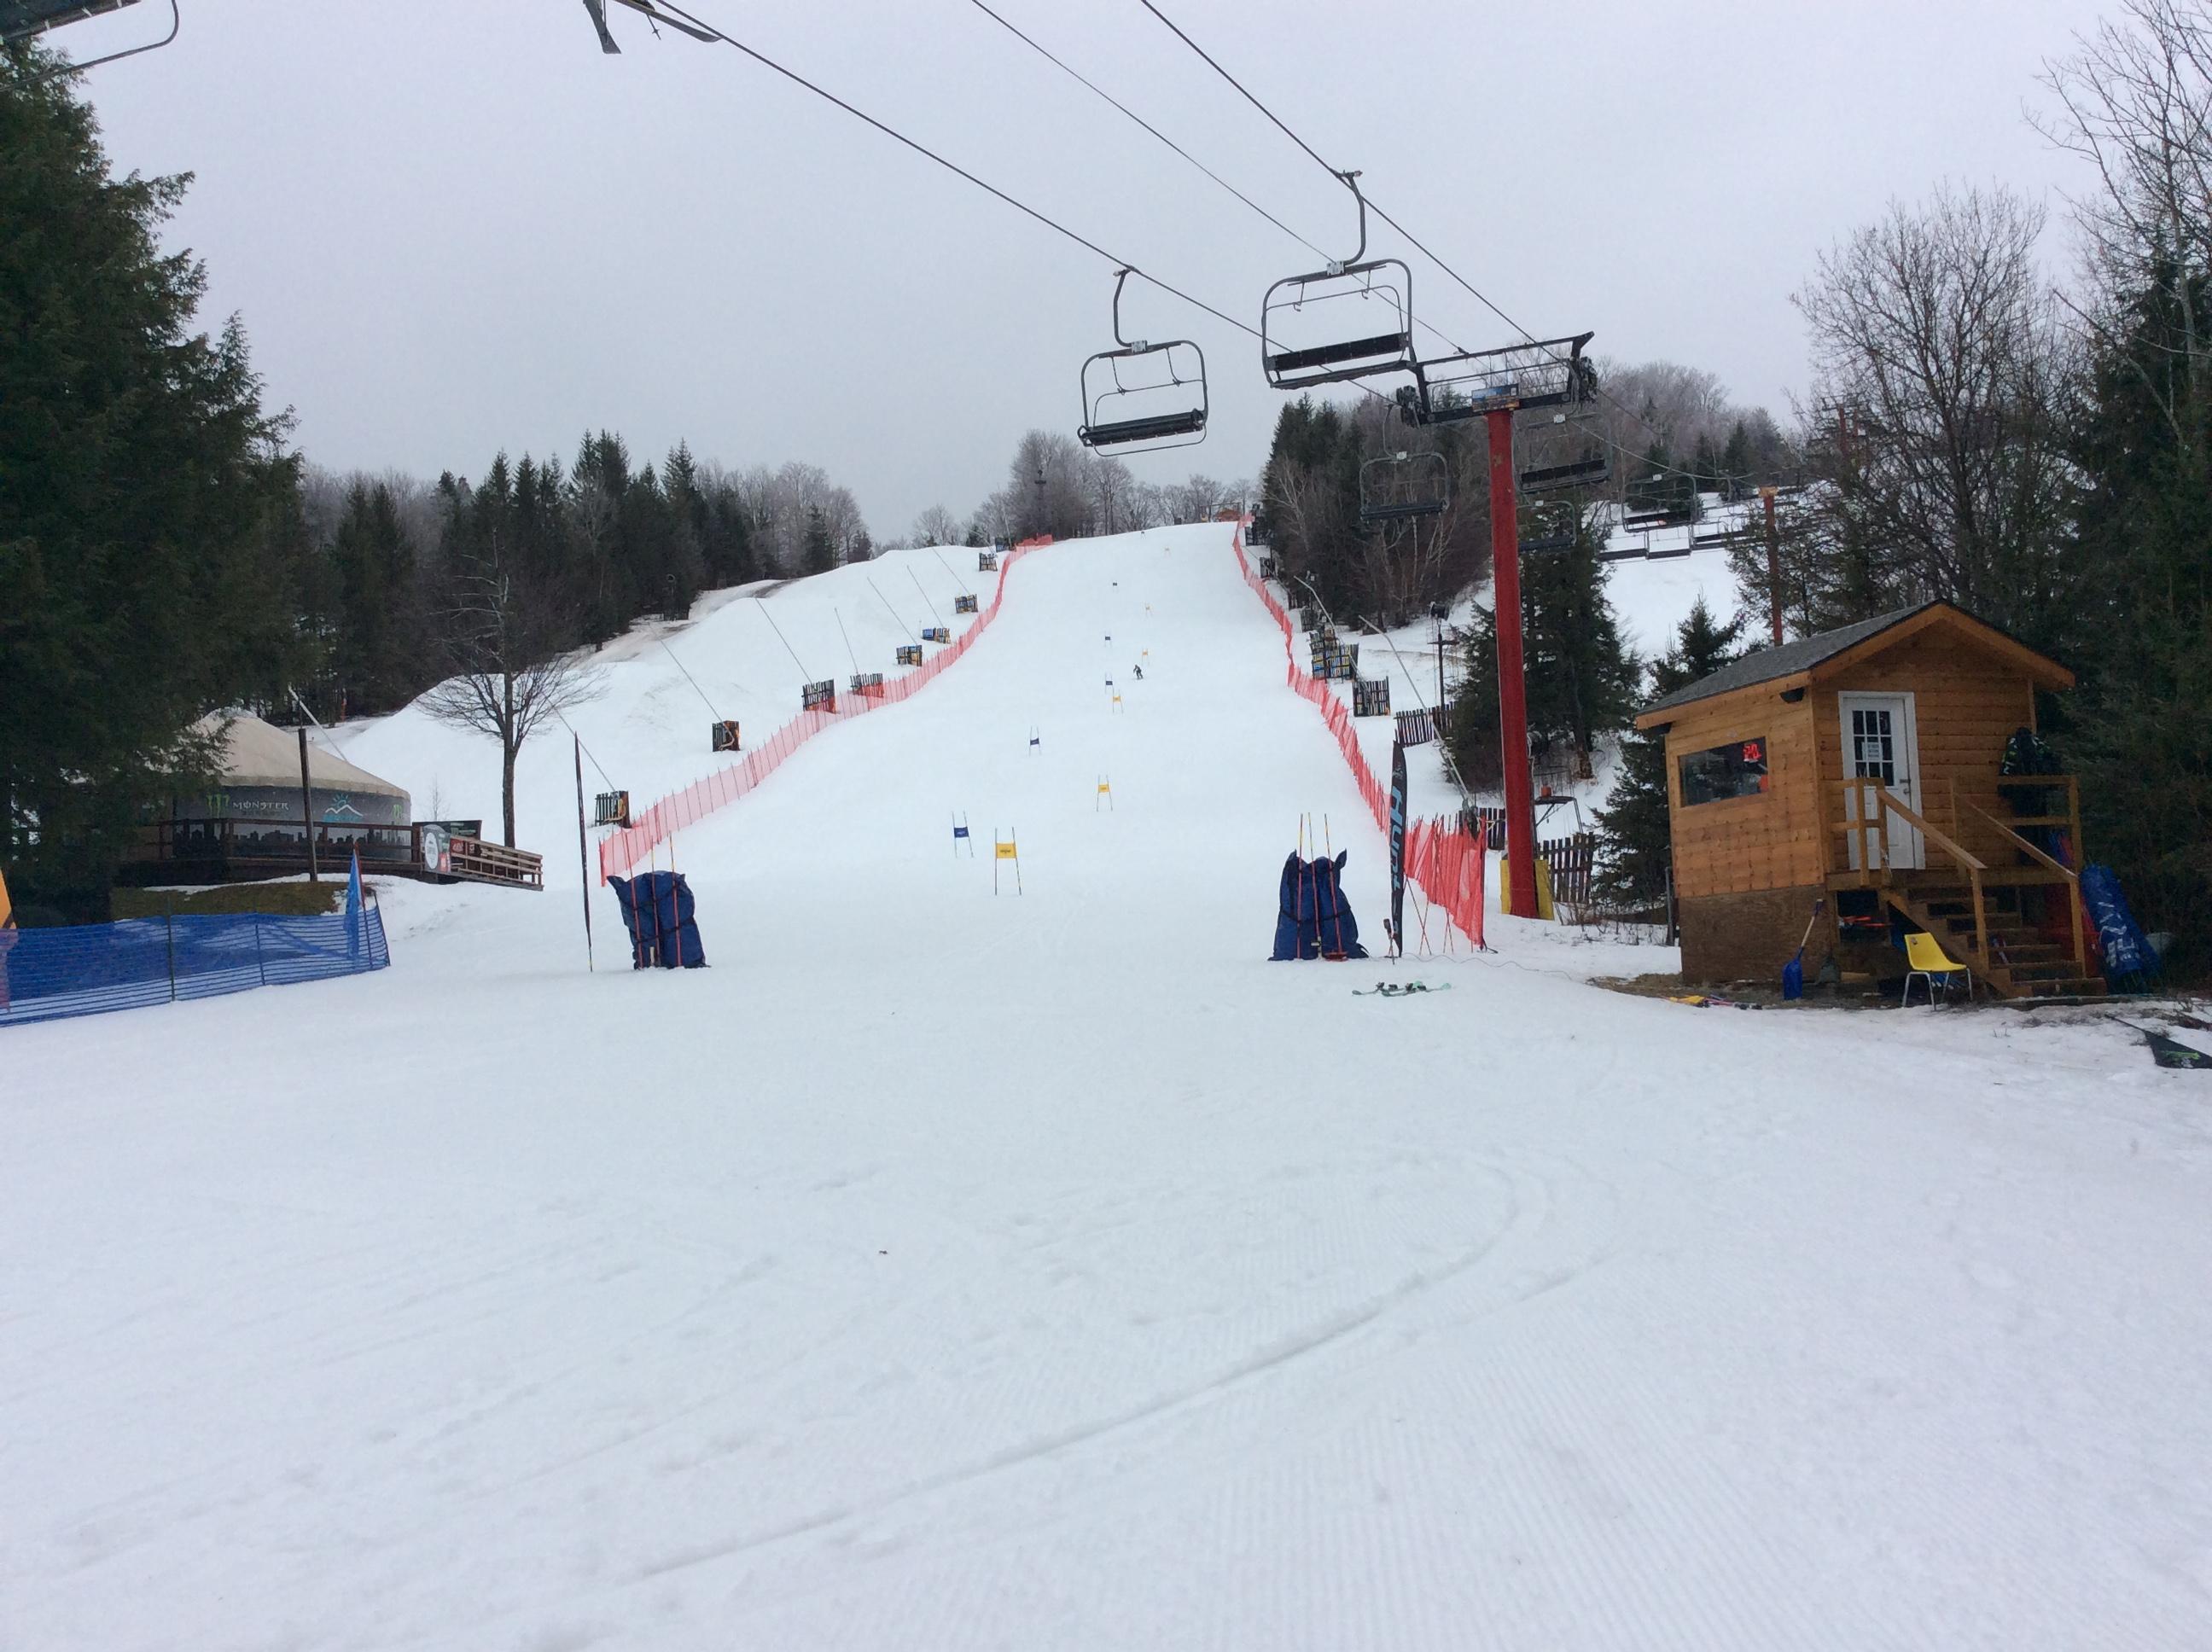 nypd-ski-club_31553677624_o